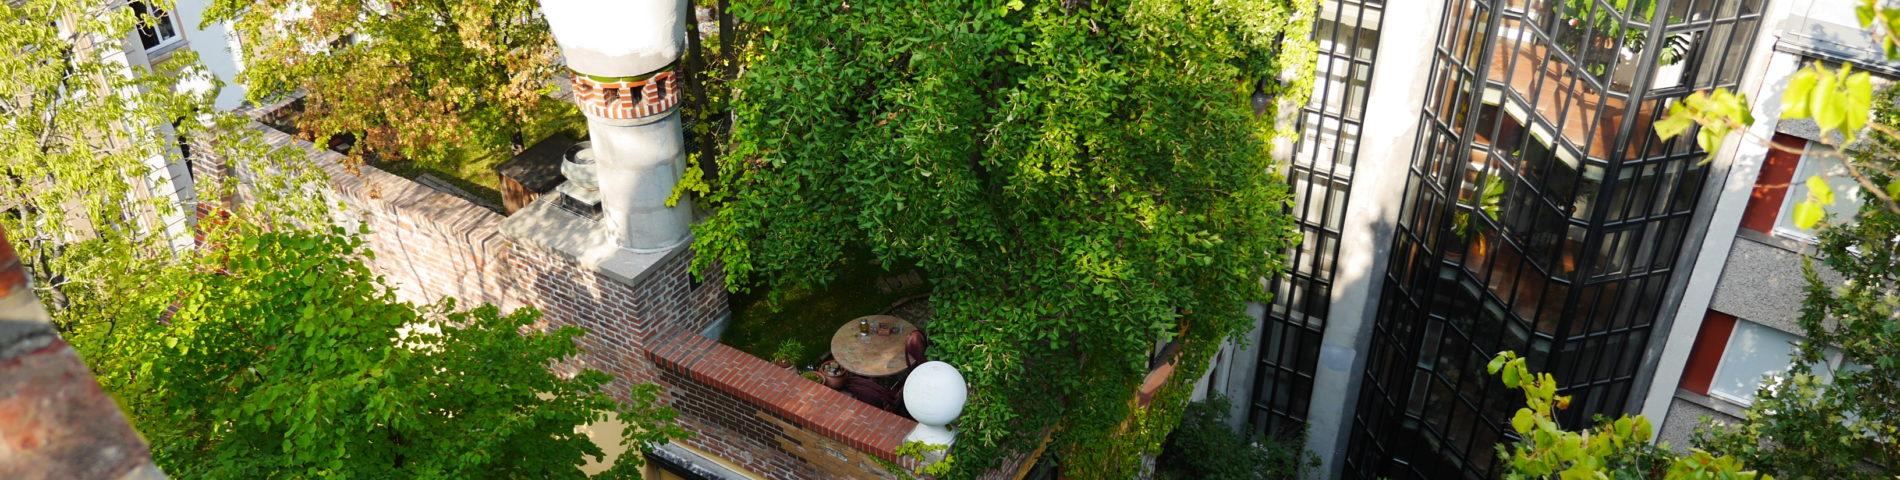 Dachgärten auf mehreren Ebenen